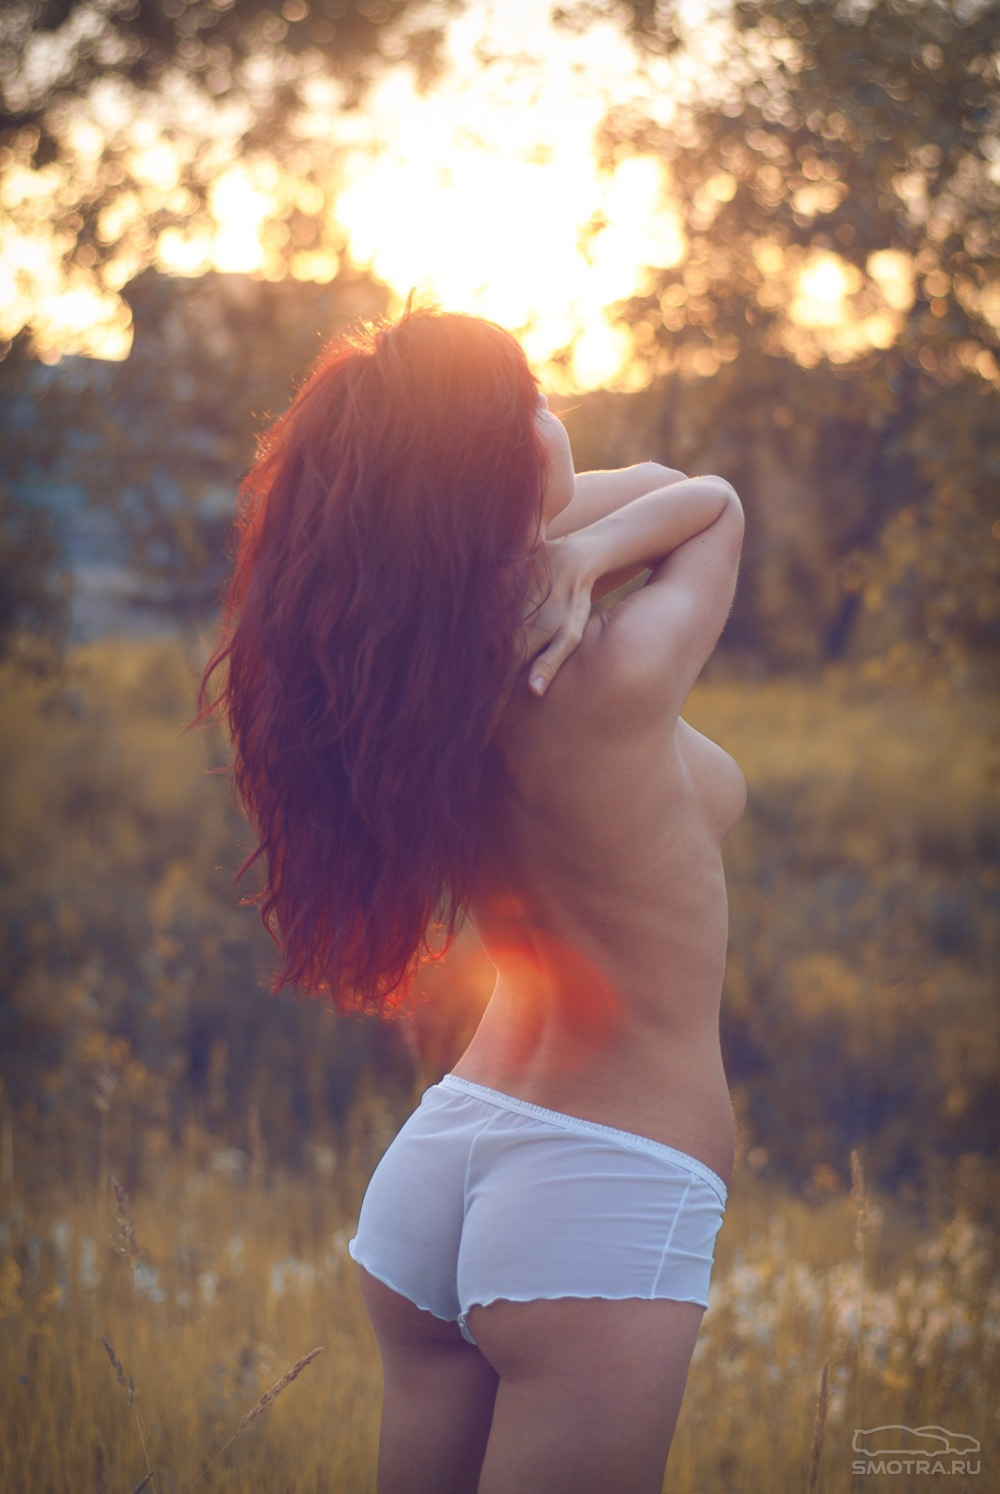 Рыжие девушки фото сзади голые 12 фотография